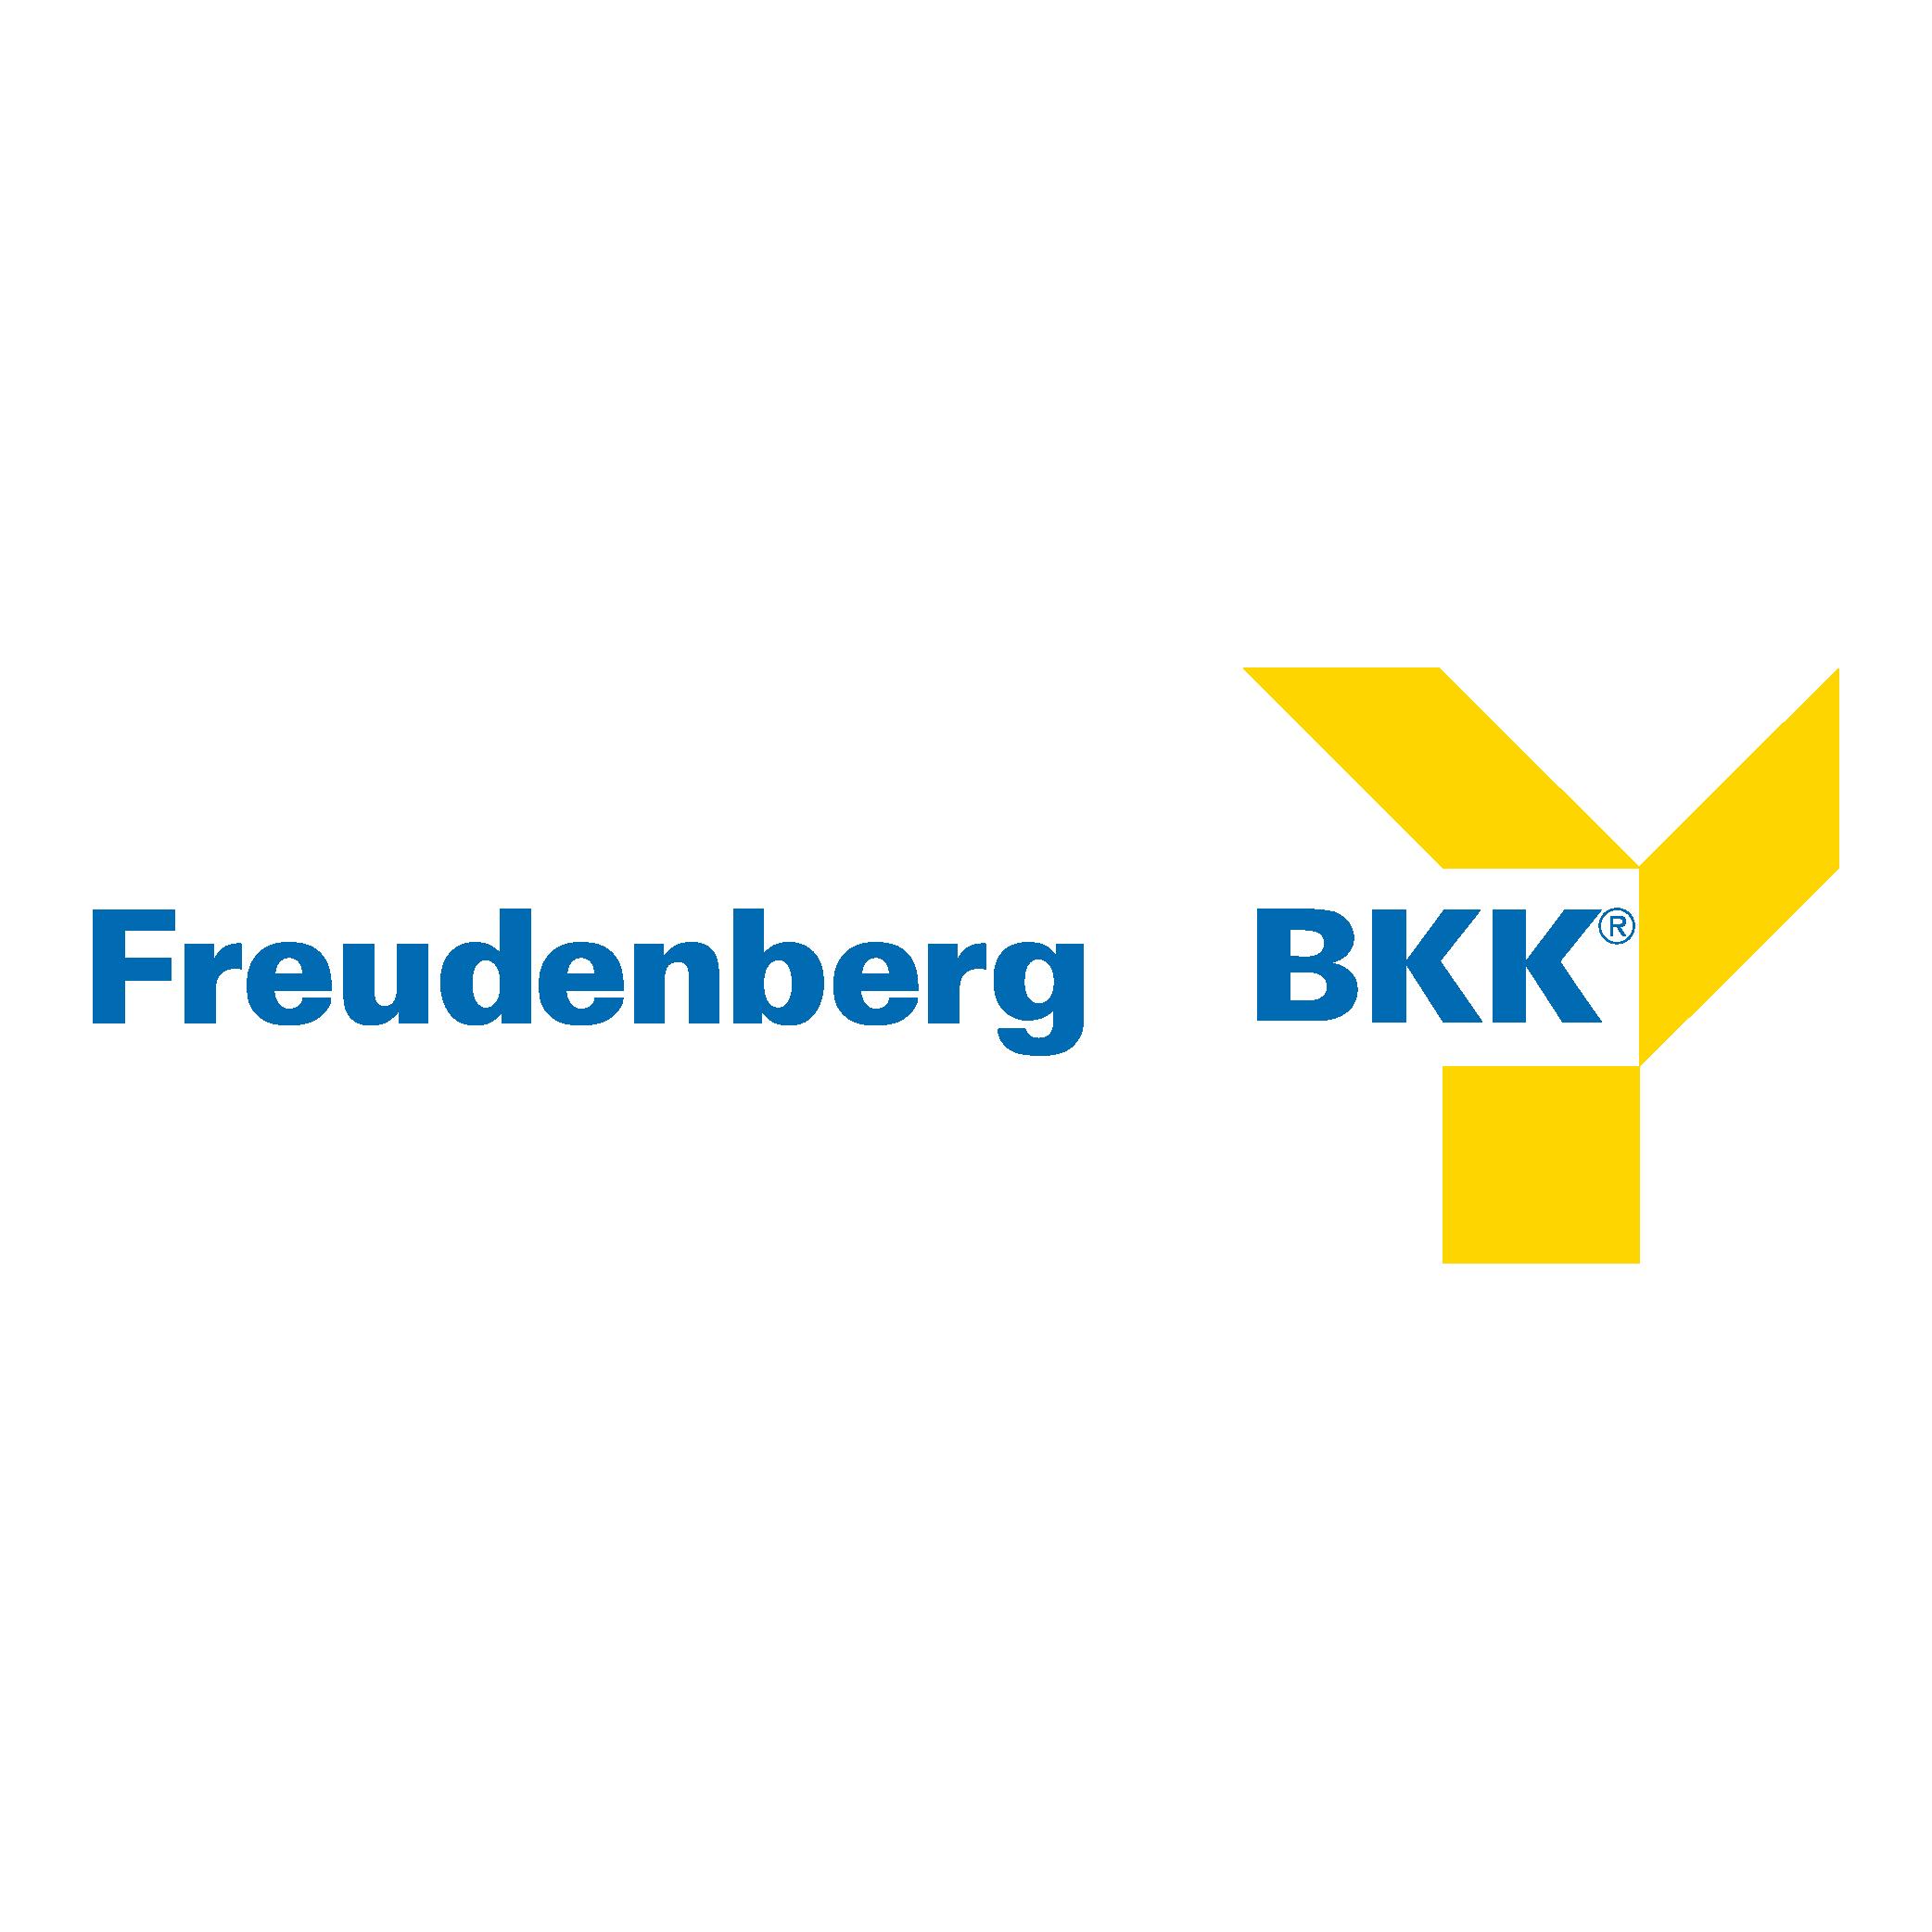 Markenzeichen der BKK Freudenberg